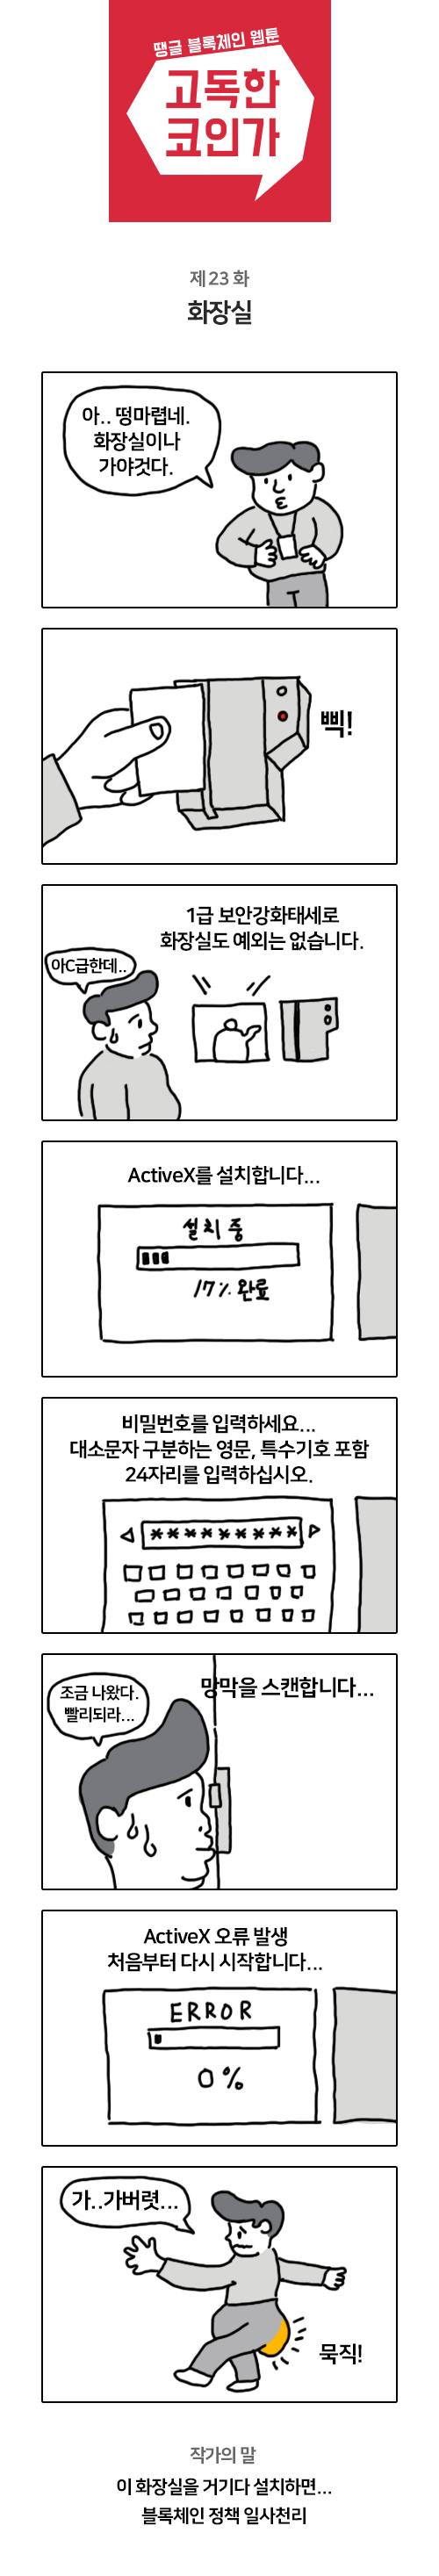 고독한코인가_23화.jpg